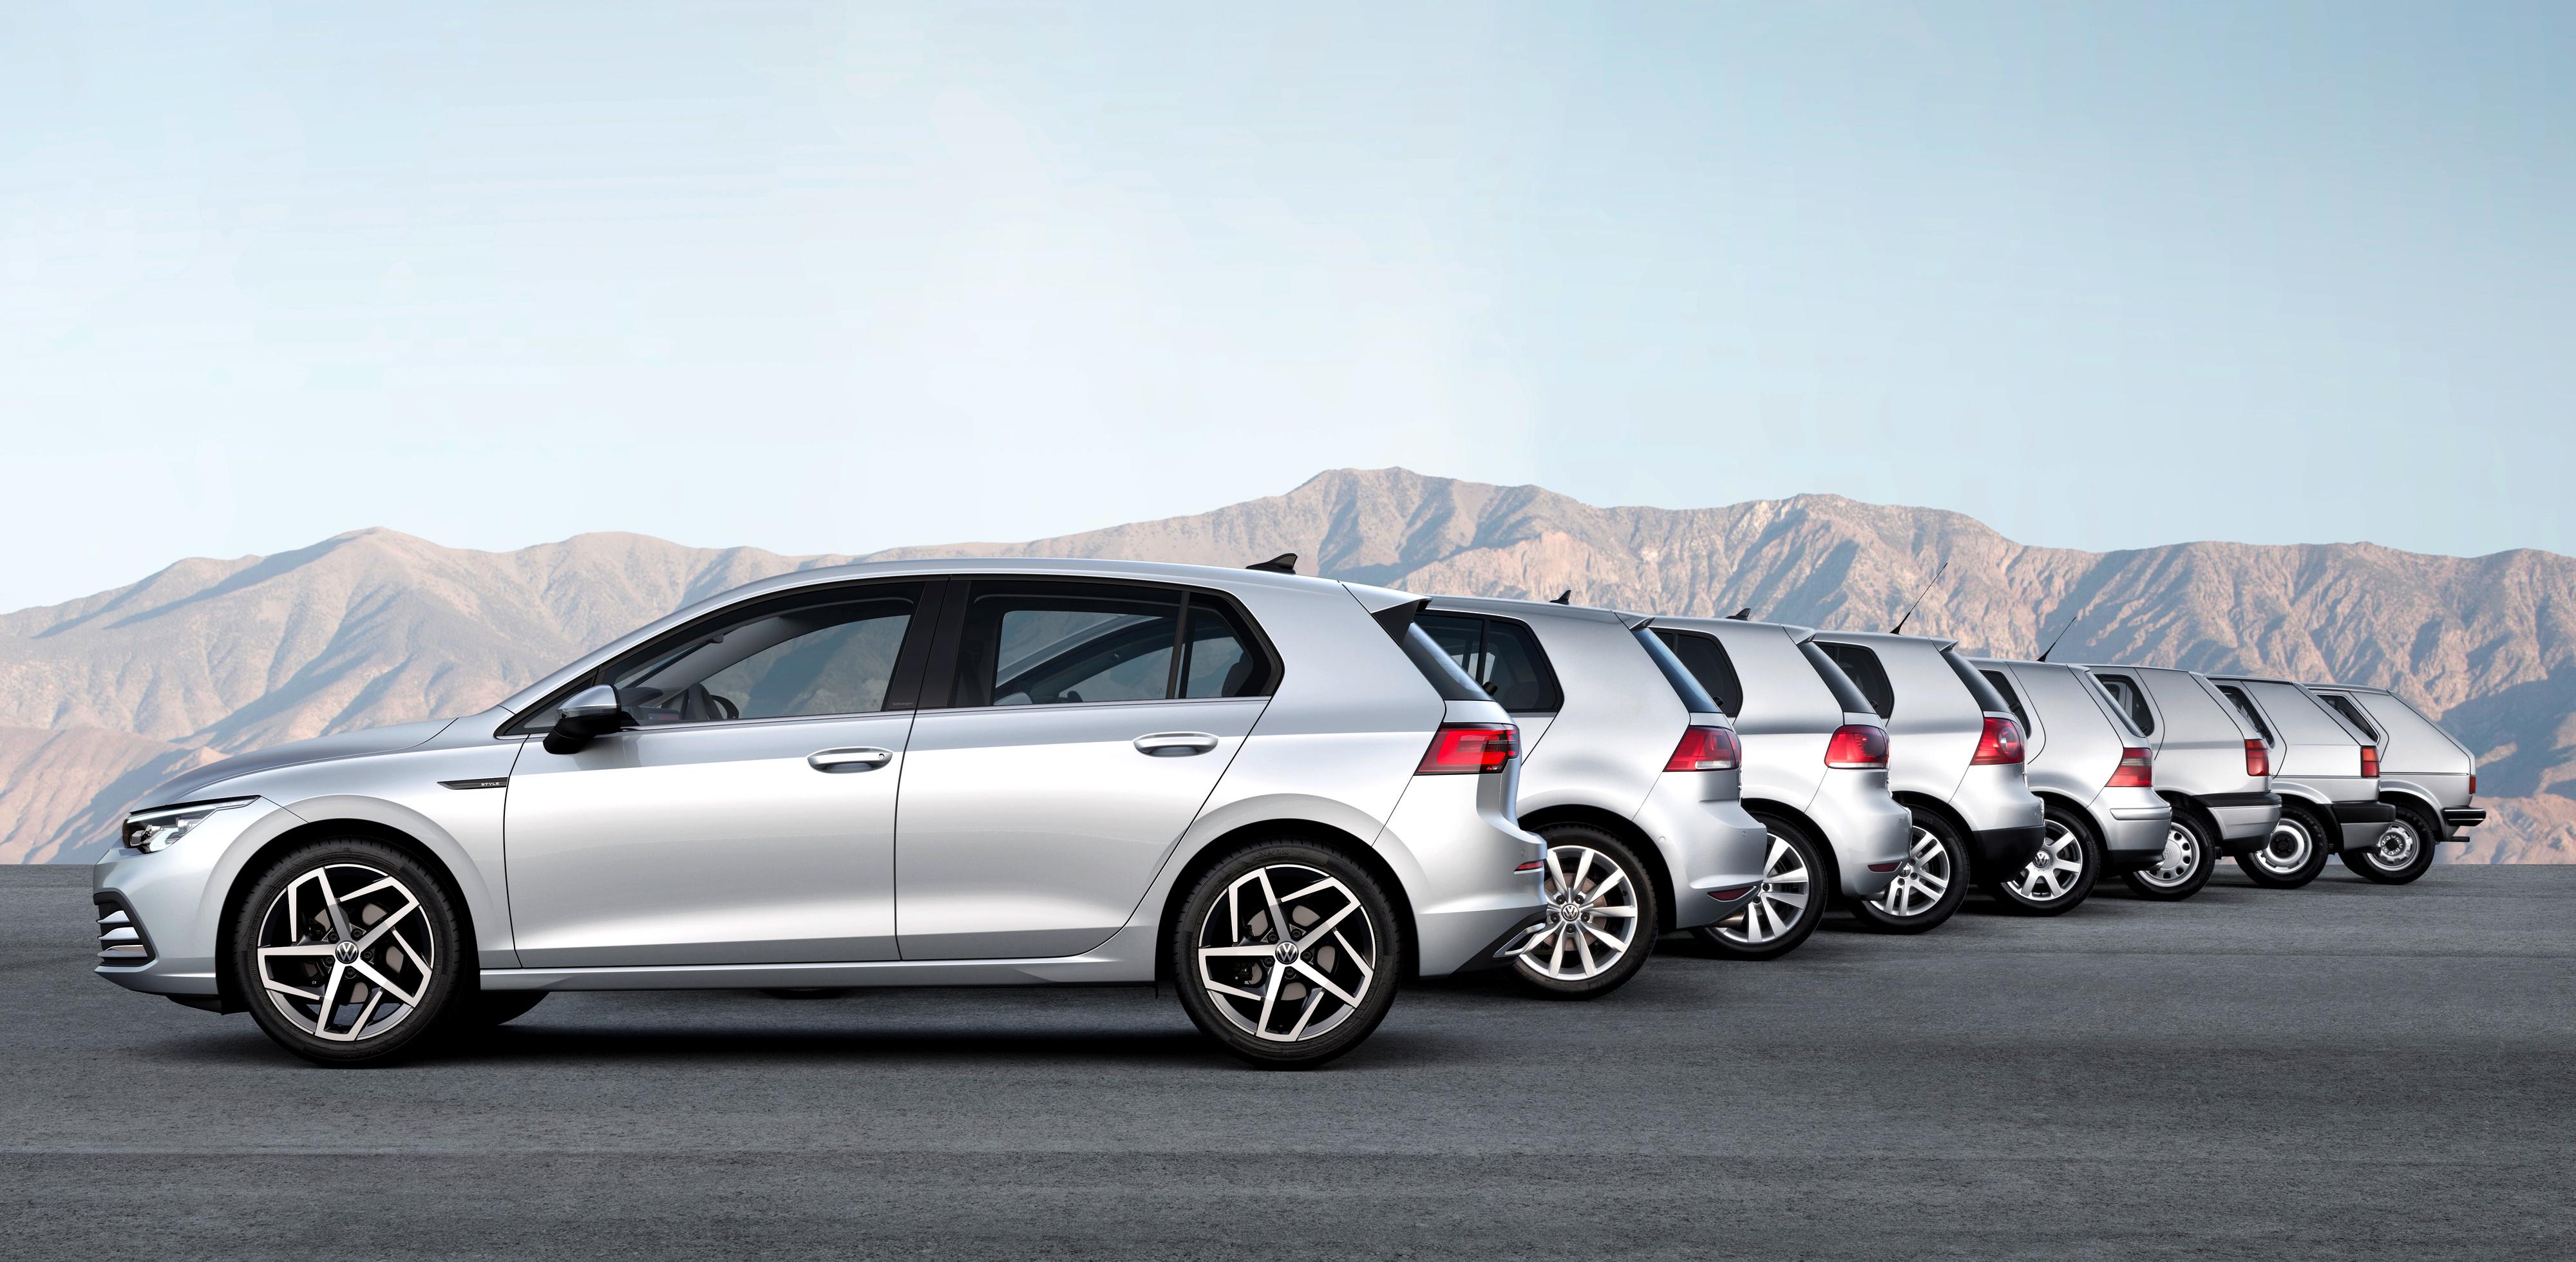 La nuova Volkswagen Golf tutte le generazioni a confronto